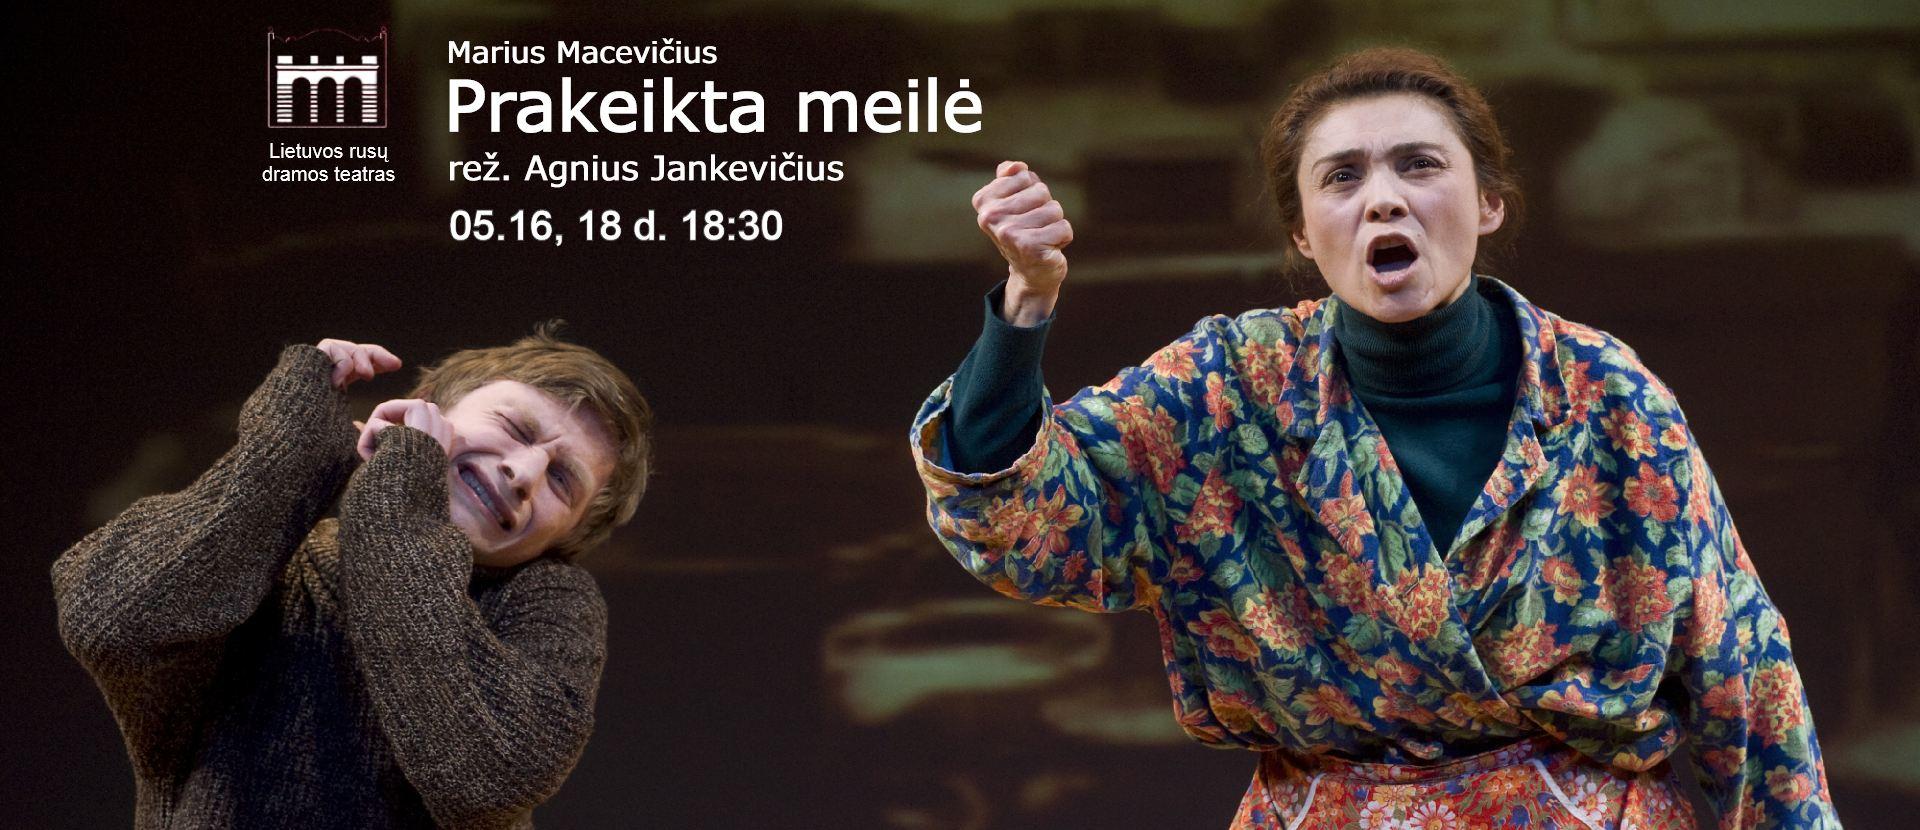 """Marius Macevičius """"Prakeikta meilė"""" (N-18) Rež. Agnius Jankevičius"""